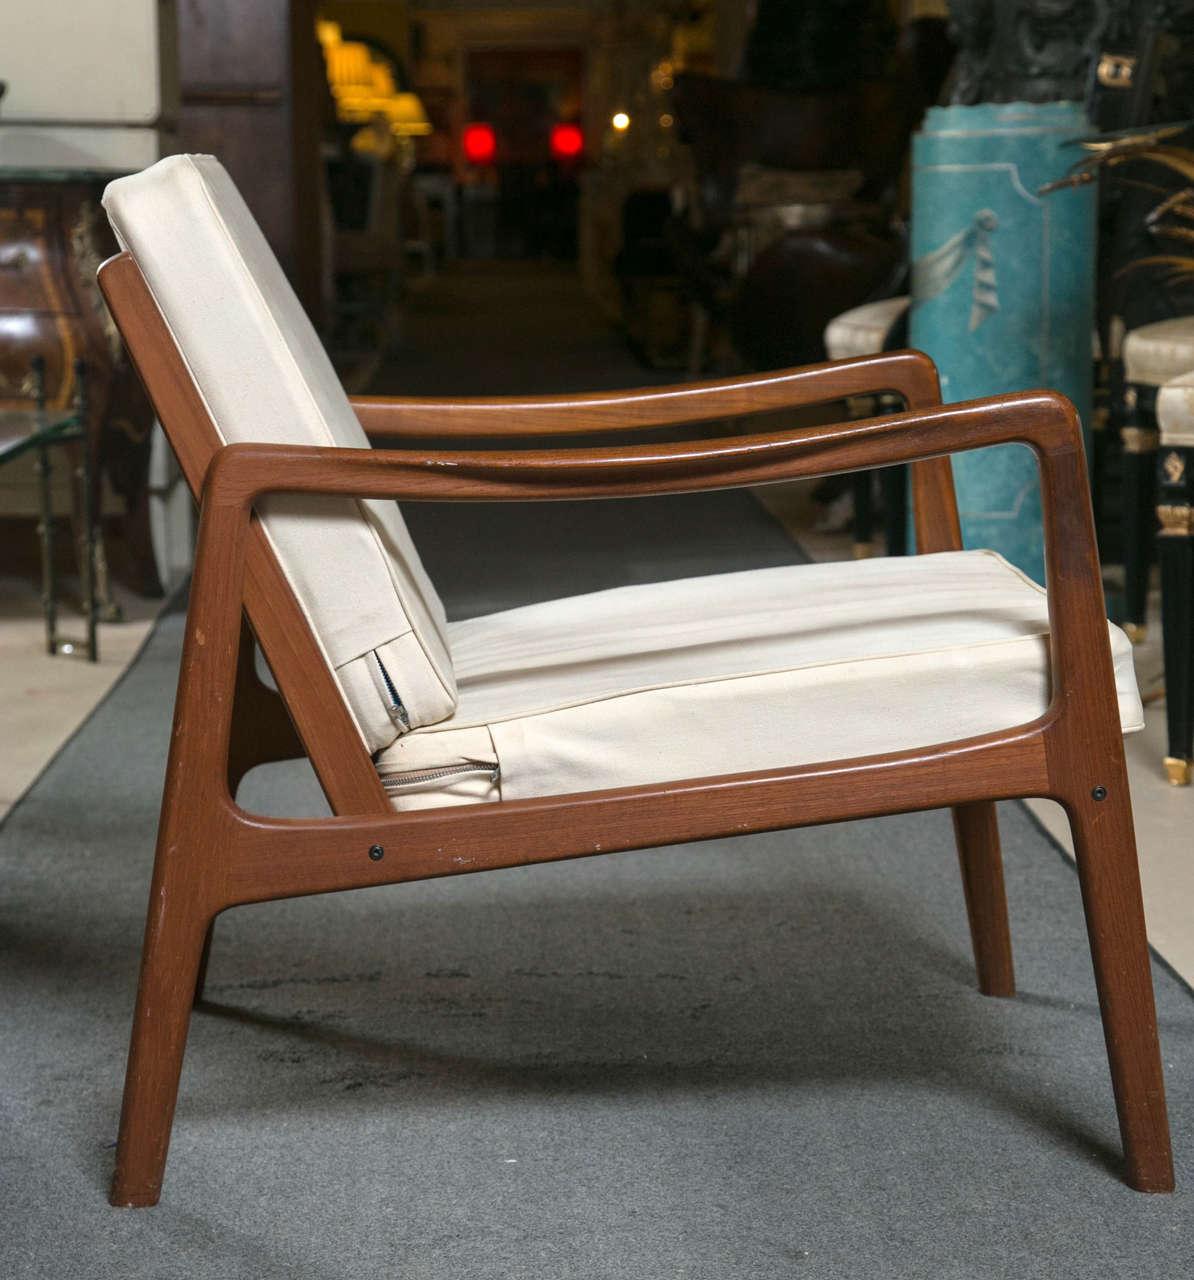 Ordinaire Mid Century Modern Ole Wanscher Mid Century Teak Lounge Chair By John  Stuart Sleek